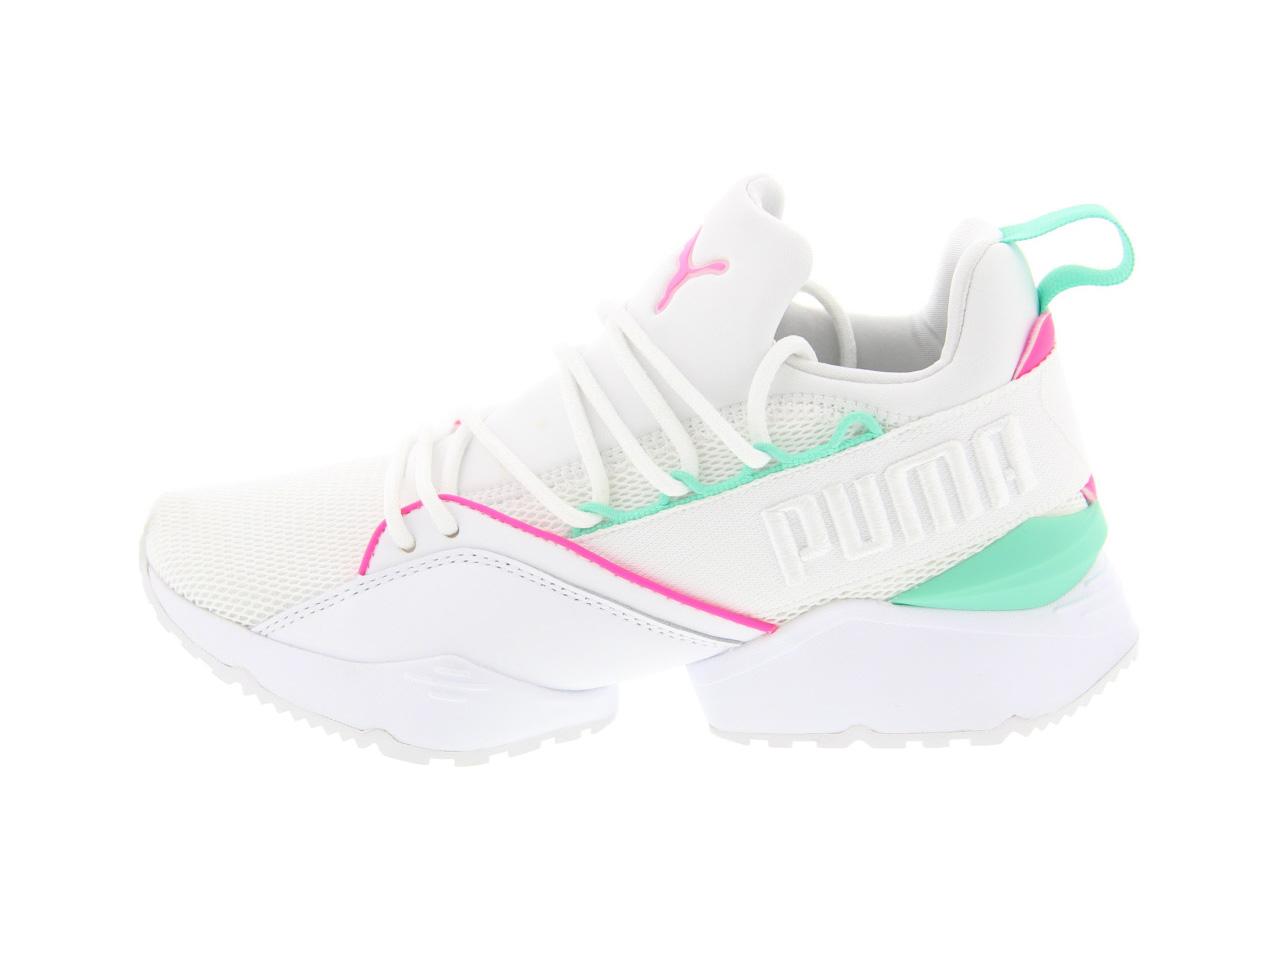 PUMA MUSE MAIA STREET WMNS(367355-02)【プーマ ミューズ マイアストリート ウィメンズ】【レディースファッション】【シューズ】【スニーカー】【靴】【フットウェア】【ランニング【ストリート】】